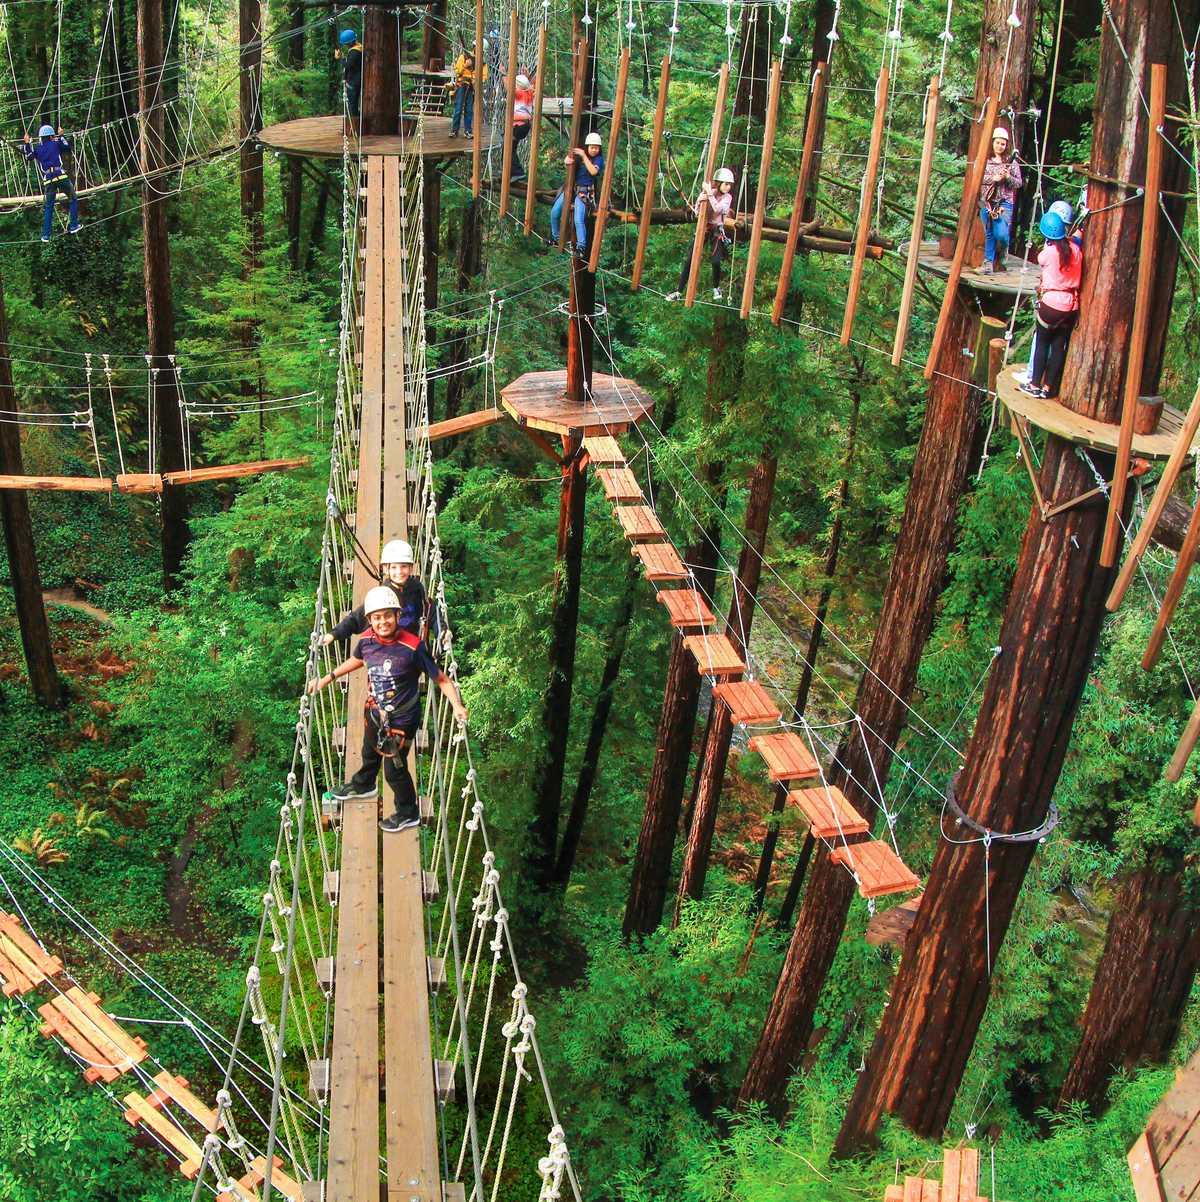 Der Mount Hermon Adventures Hochseilgarten in Santa Cruz County